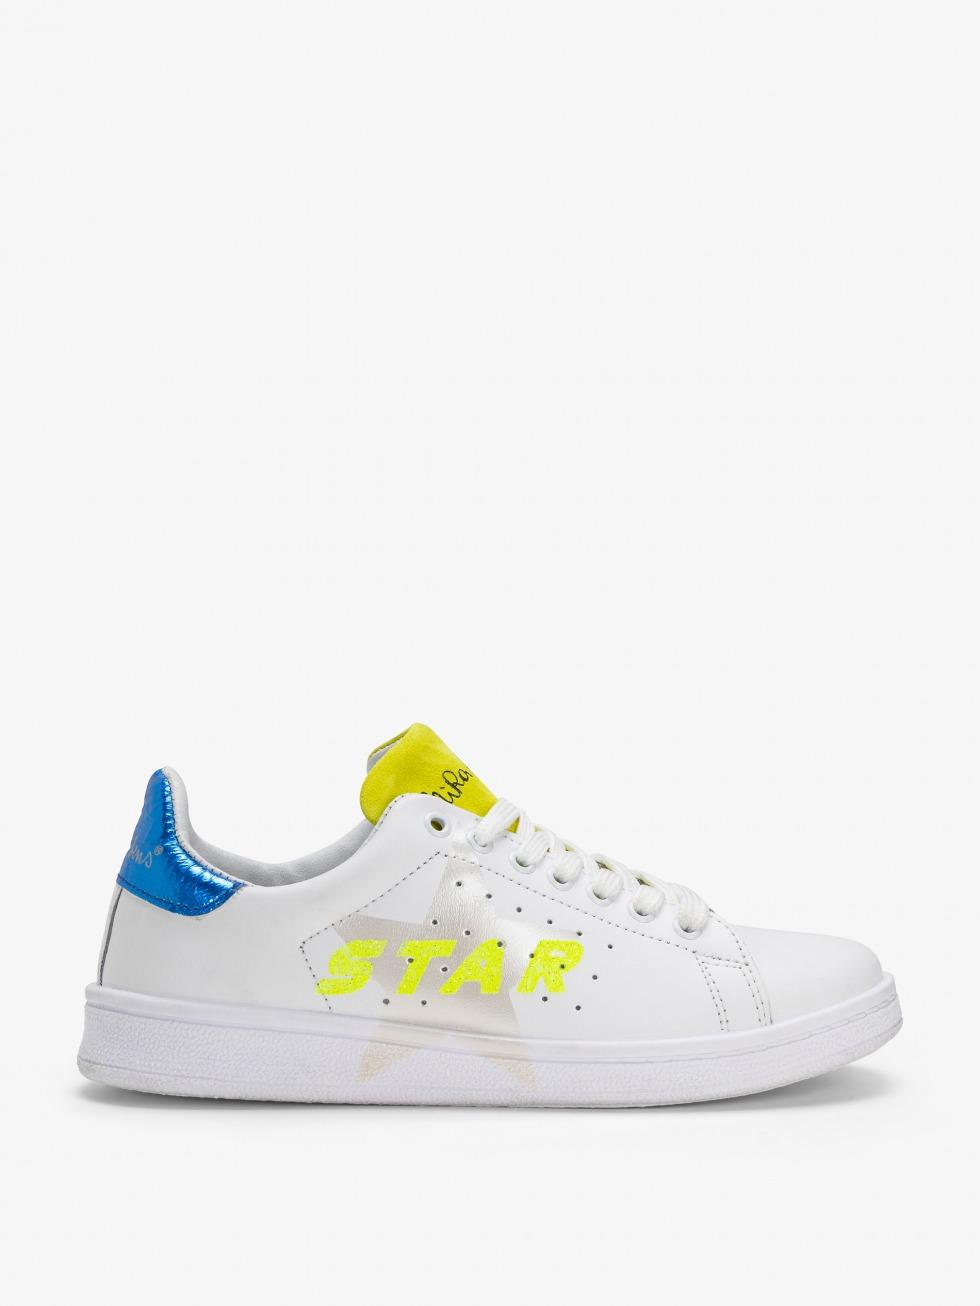 Daiquiri Sneakers - Space Electric Glitter Star